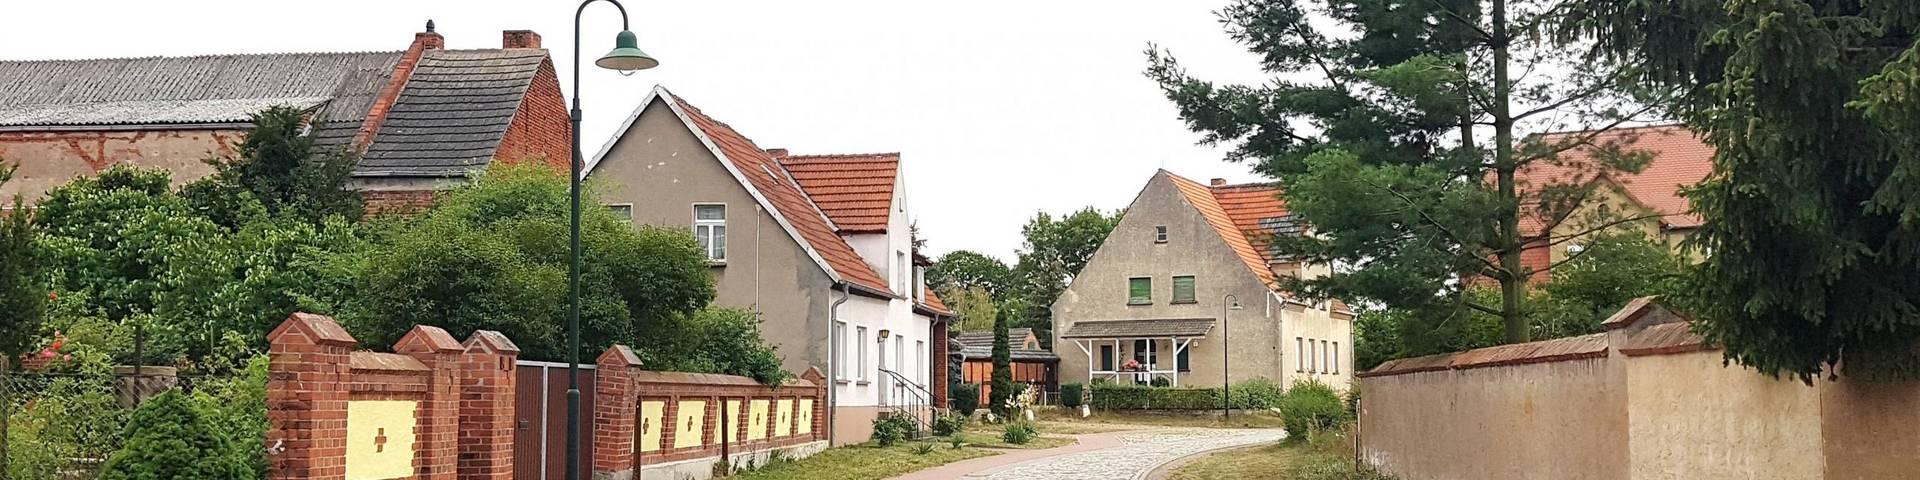 grassau5 ©Stadt Bismark